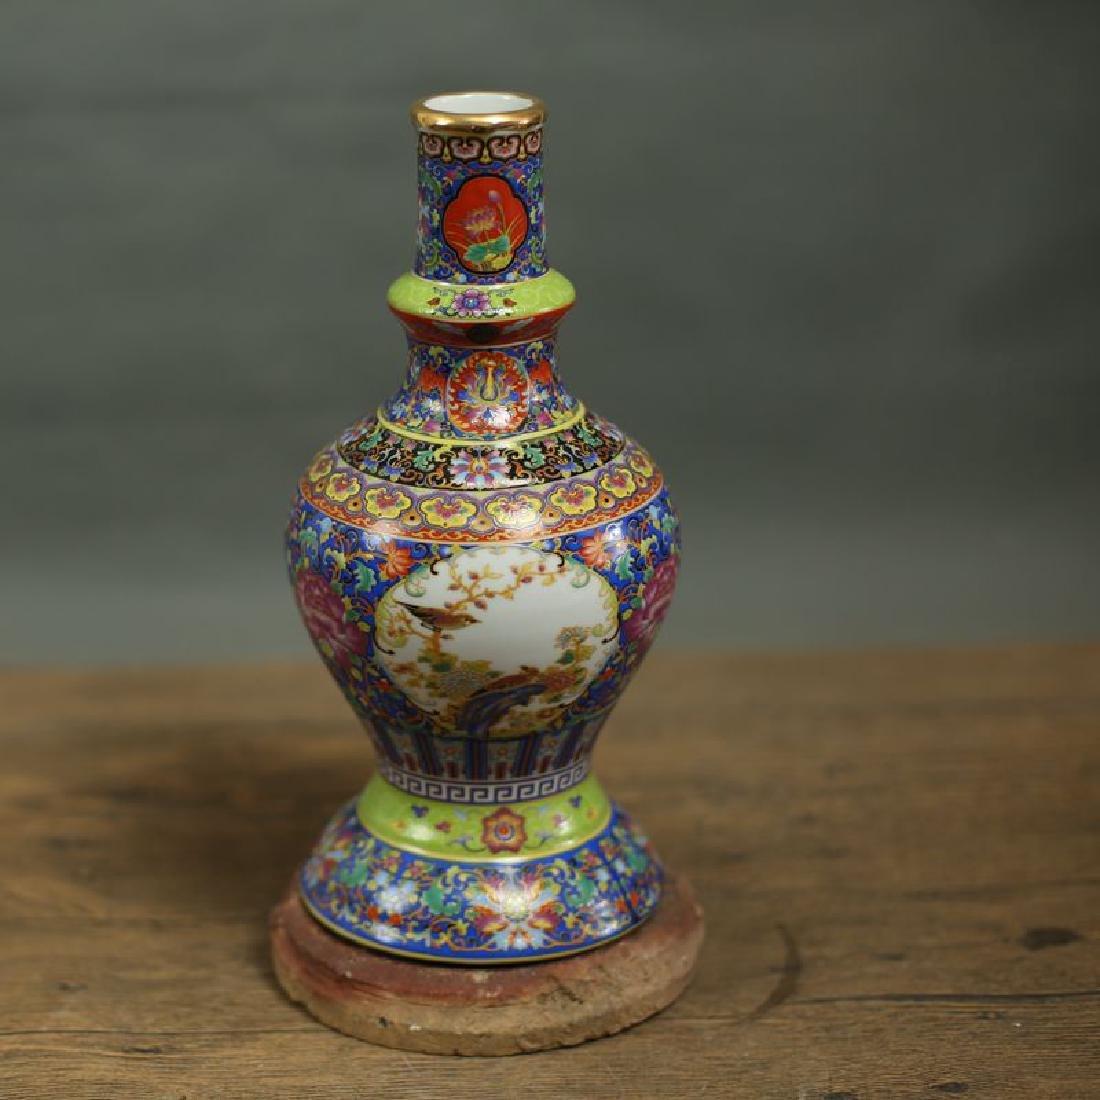 Chinese Qing Dynasty Yongzheng Time Jingdezhen Colorful